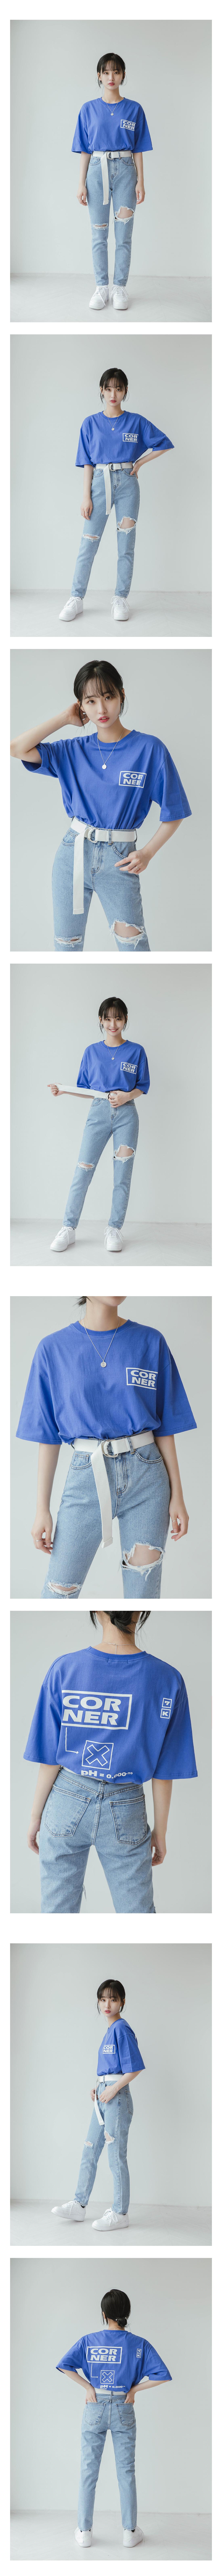 CORNER Park Shirts